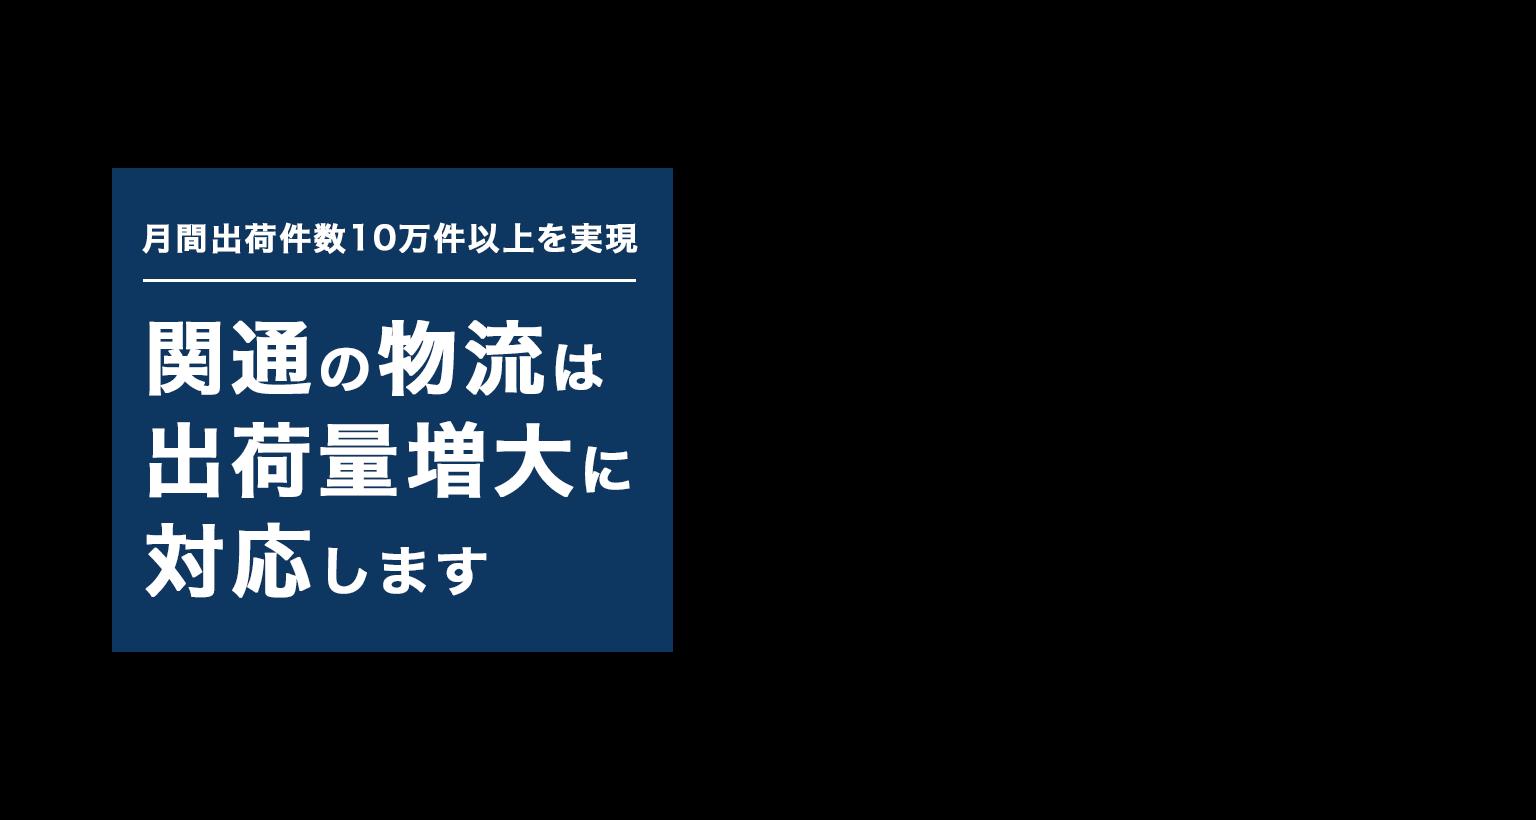 澤田 代 発送 物流 センター